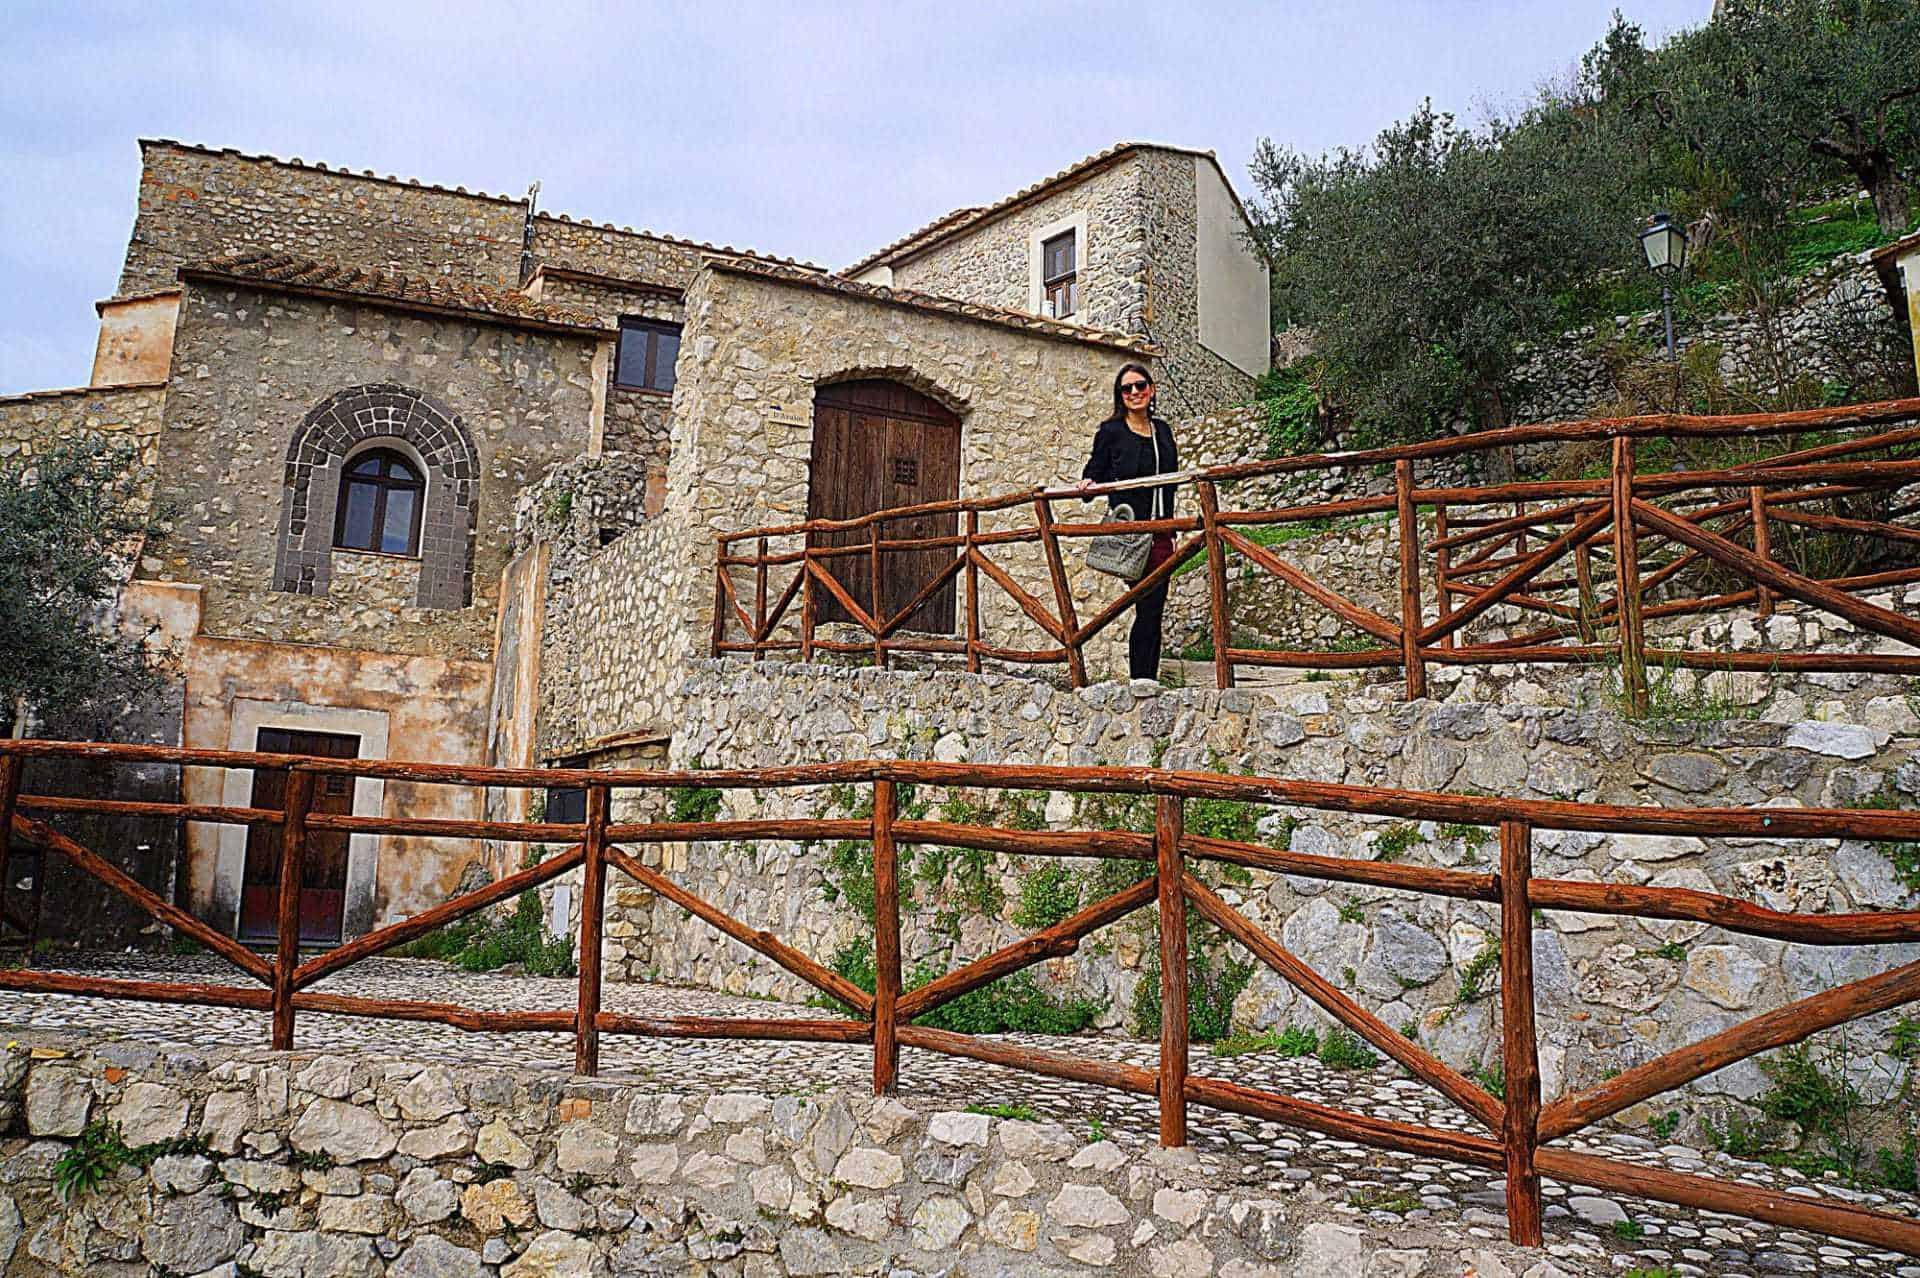 """Terravecchia, il borgo """"sconosciuto"""" di Giffoni Valle Piana"""